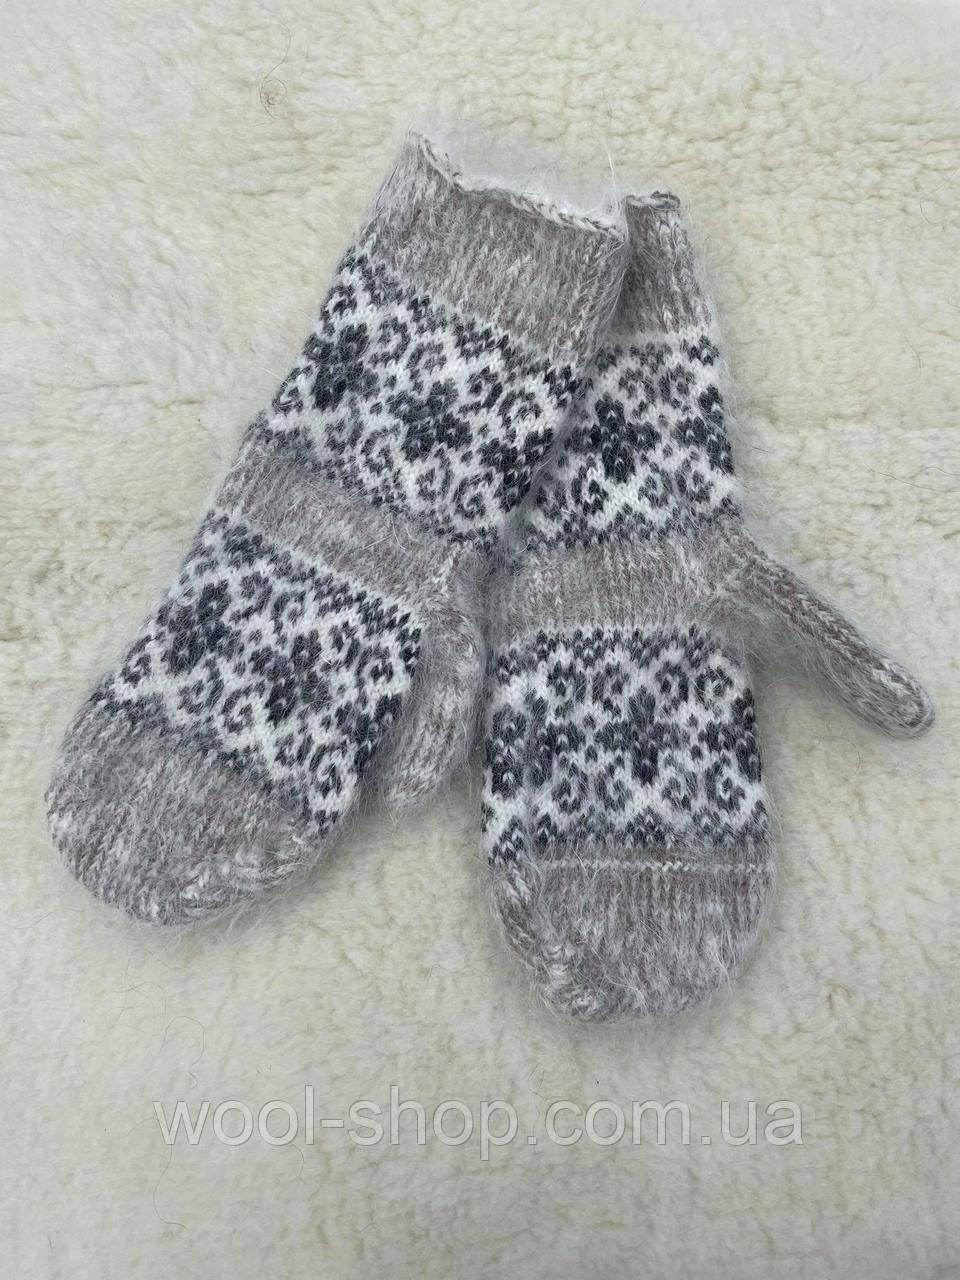 Жіноча рукавичка з козячого пуху без гумки